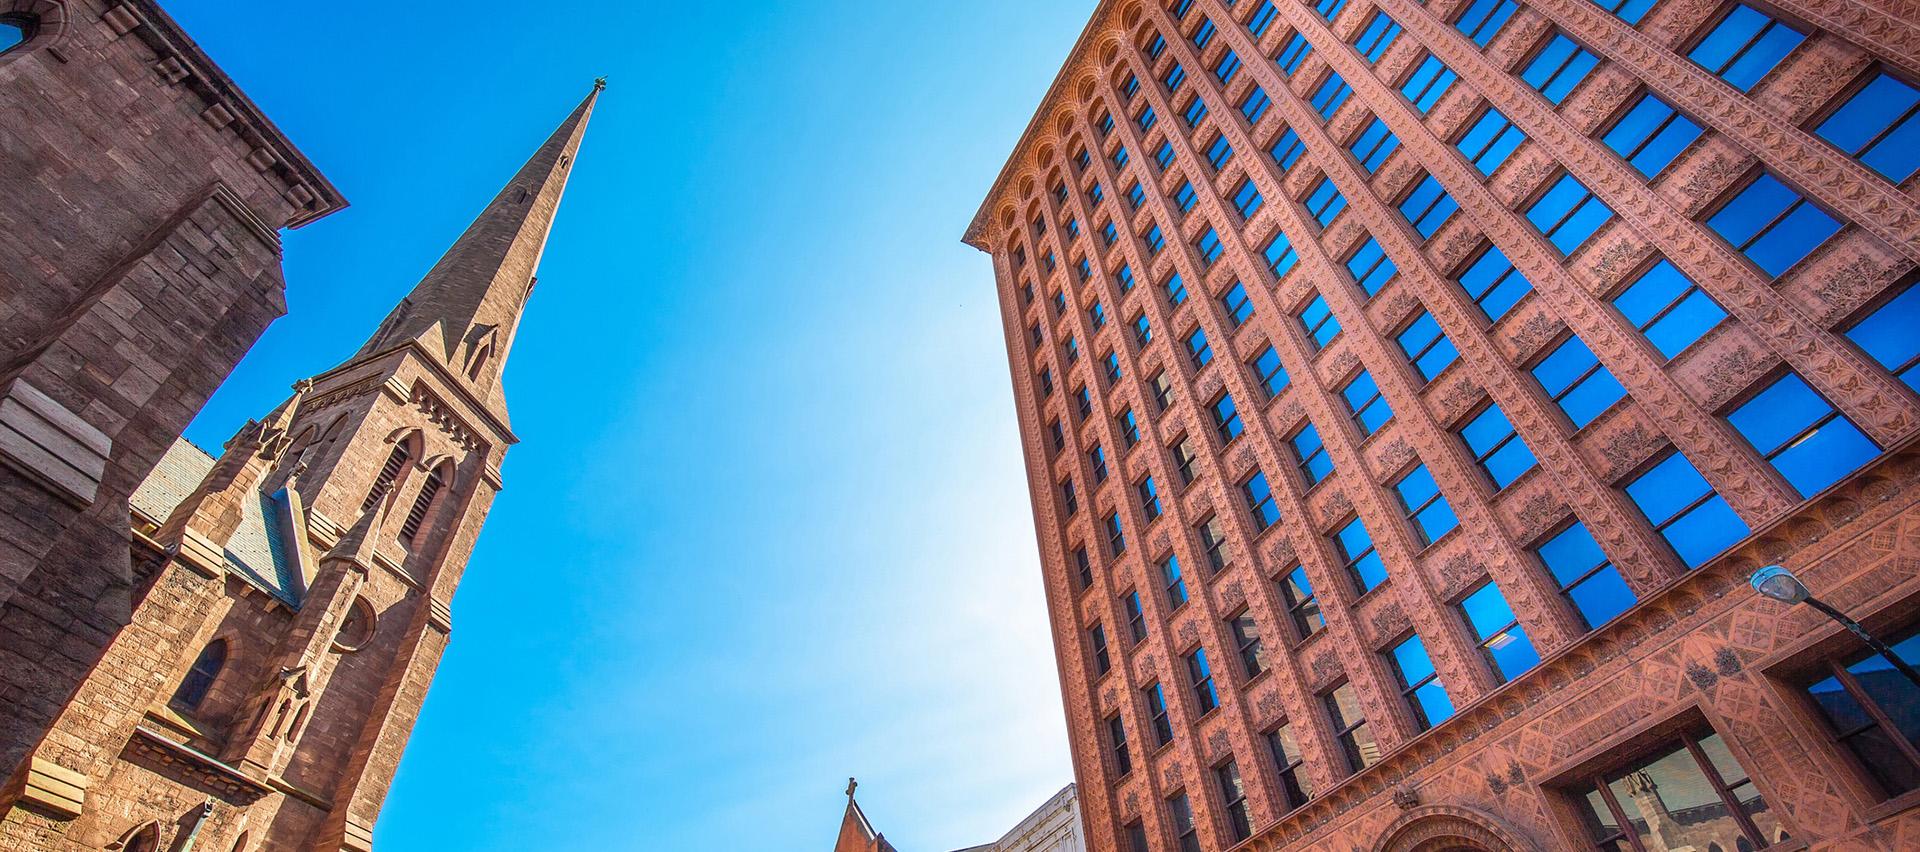 The Barnes Firm in Buffalo, NY